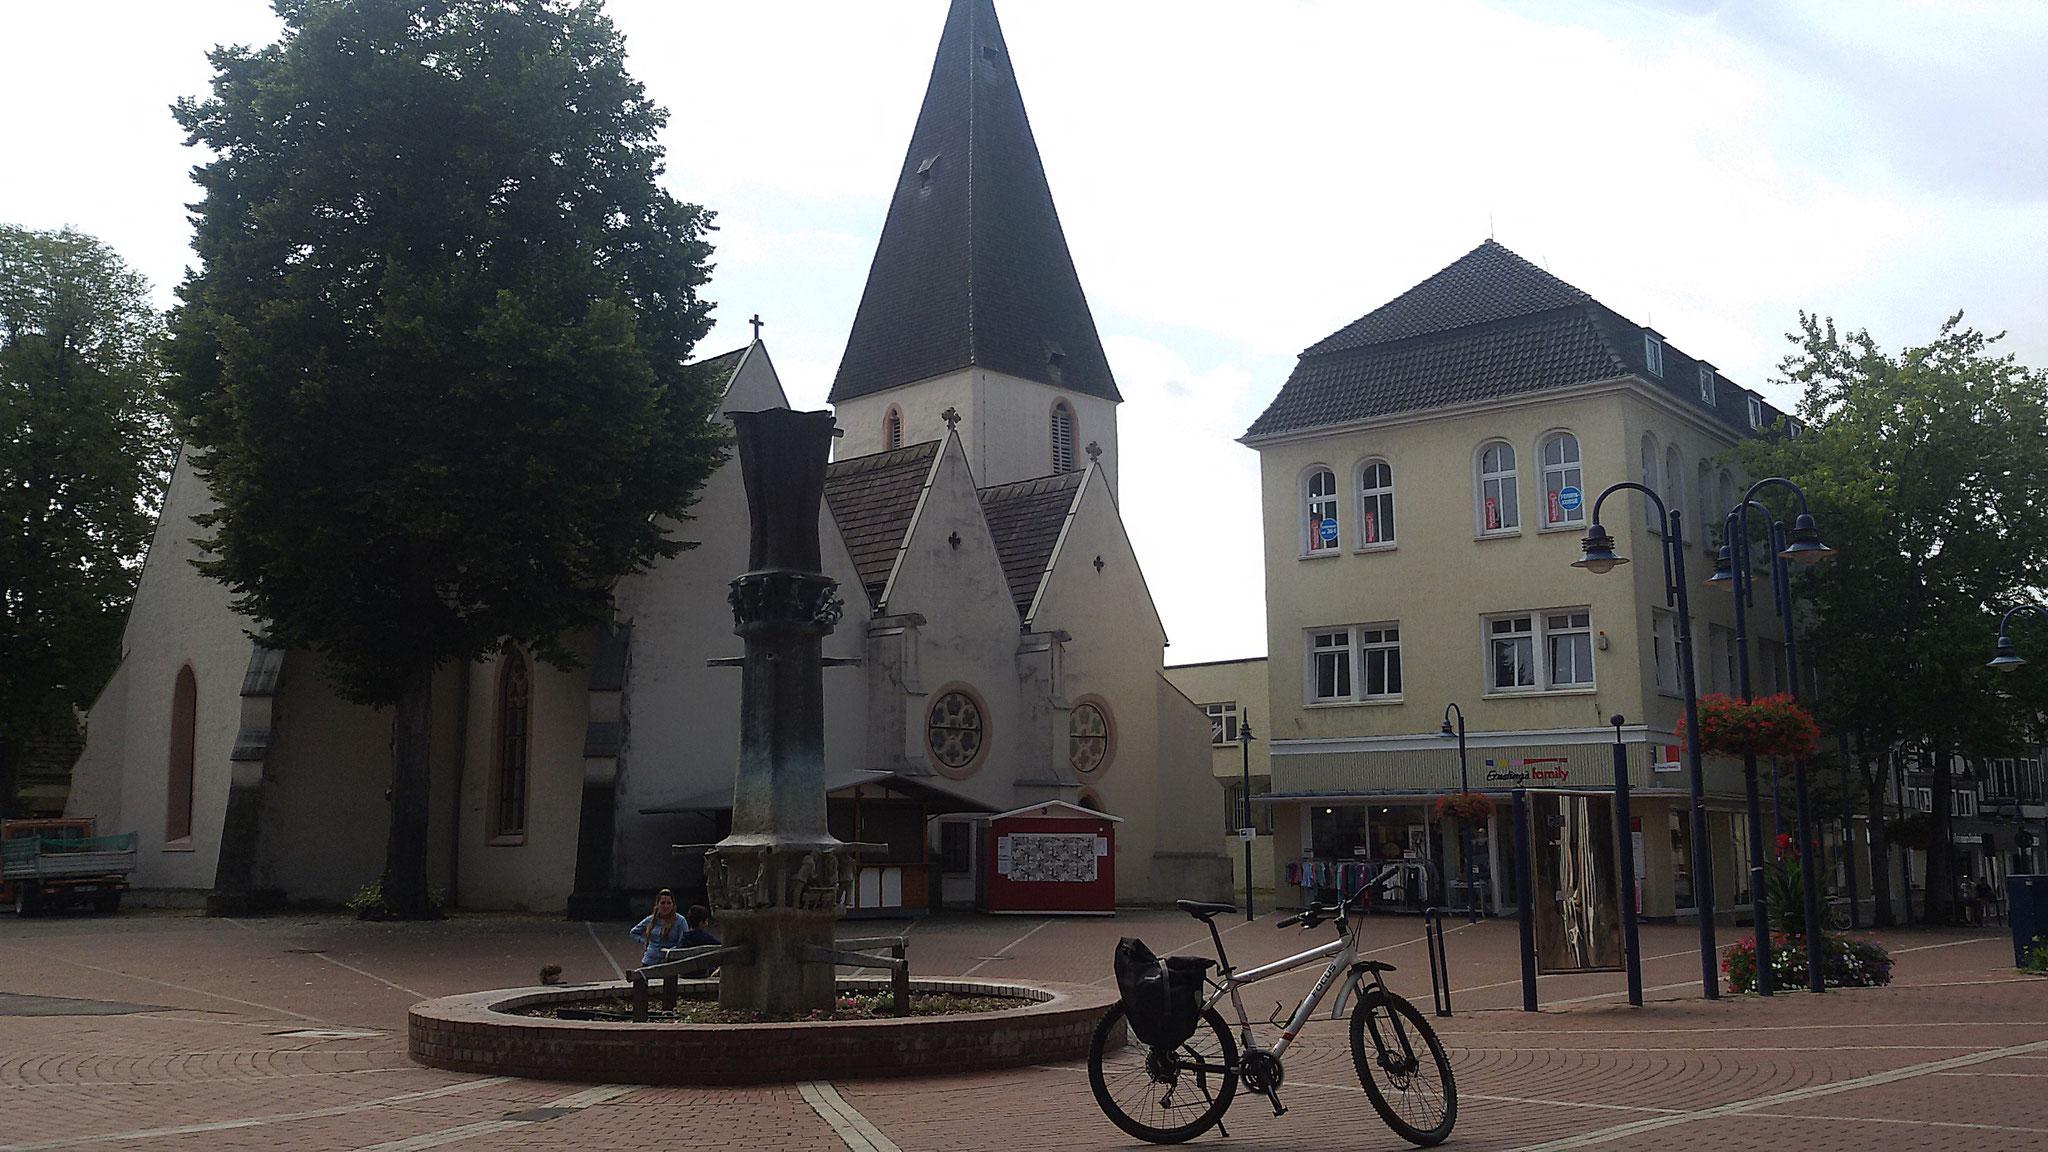 Ziegler-Brunnen und Marktkirche in Lage